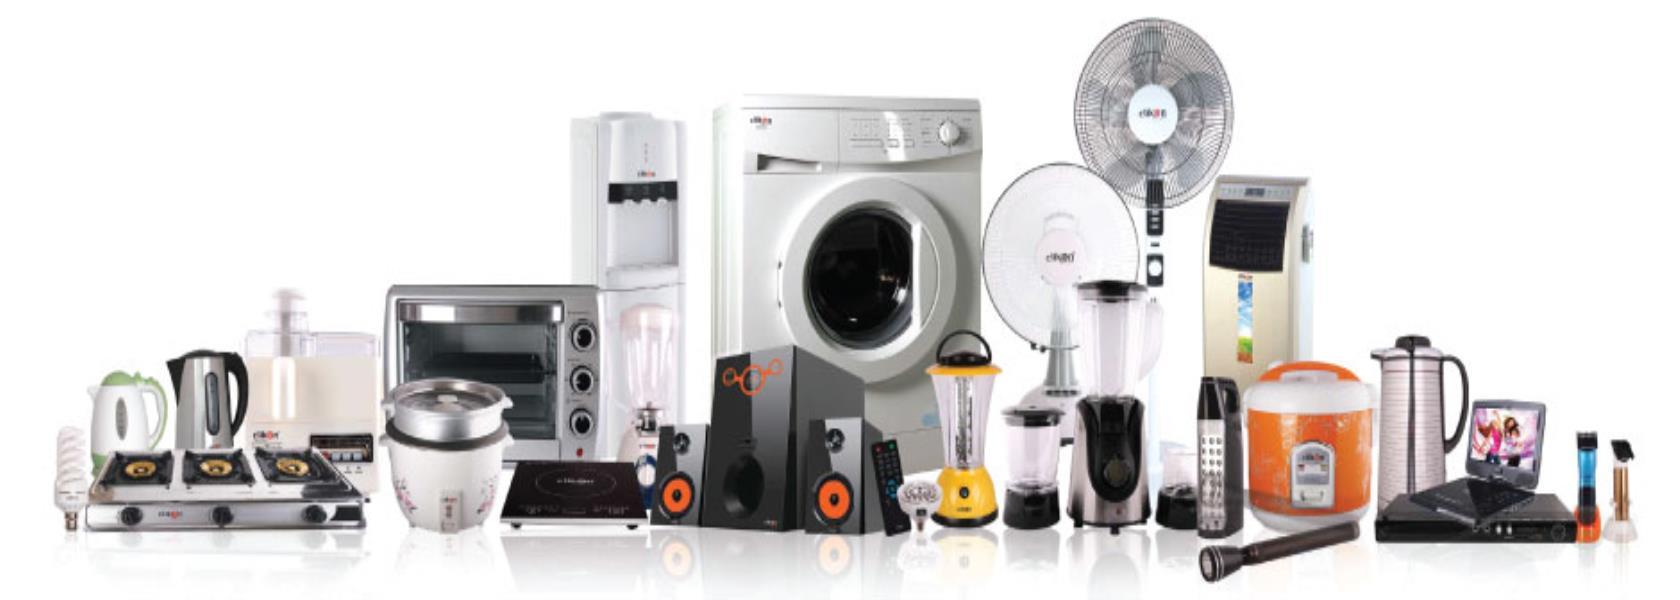 بالصور اجهزة منزلية , ادوات واجهزة كهربائية 1458 3